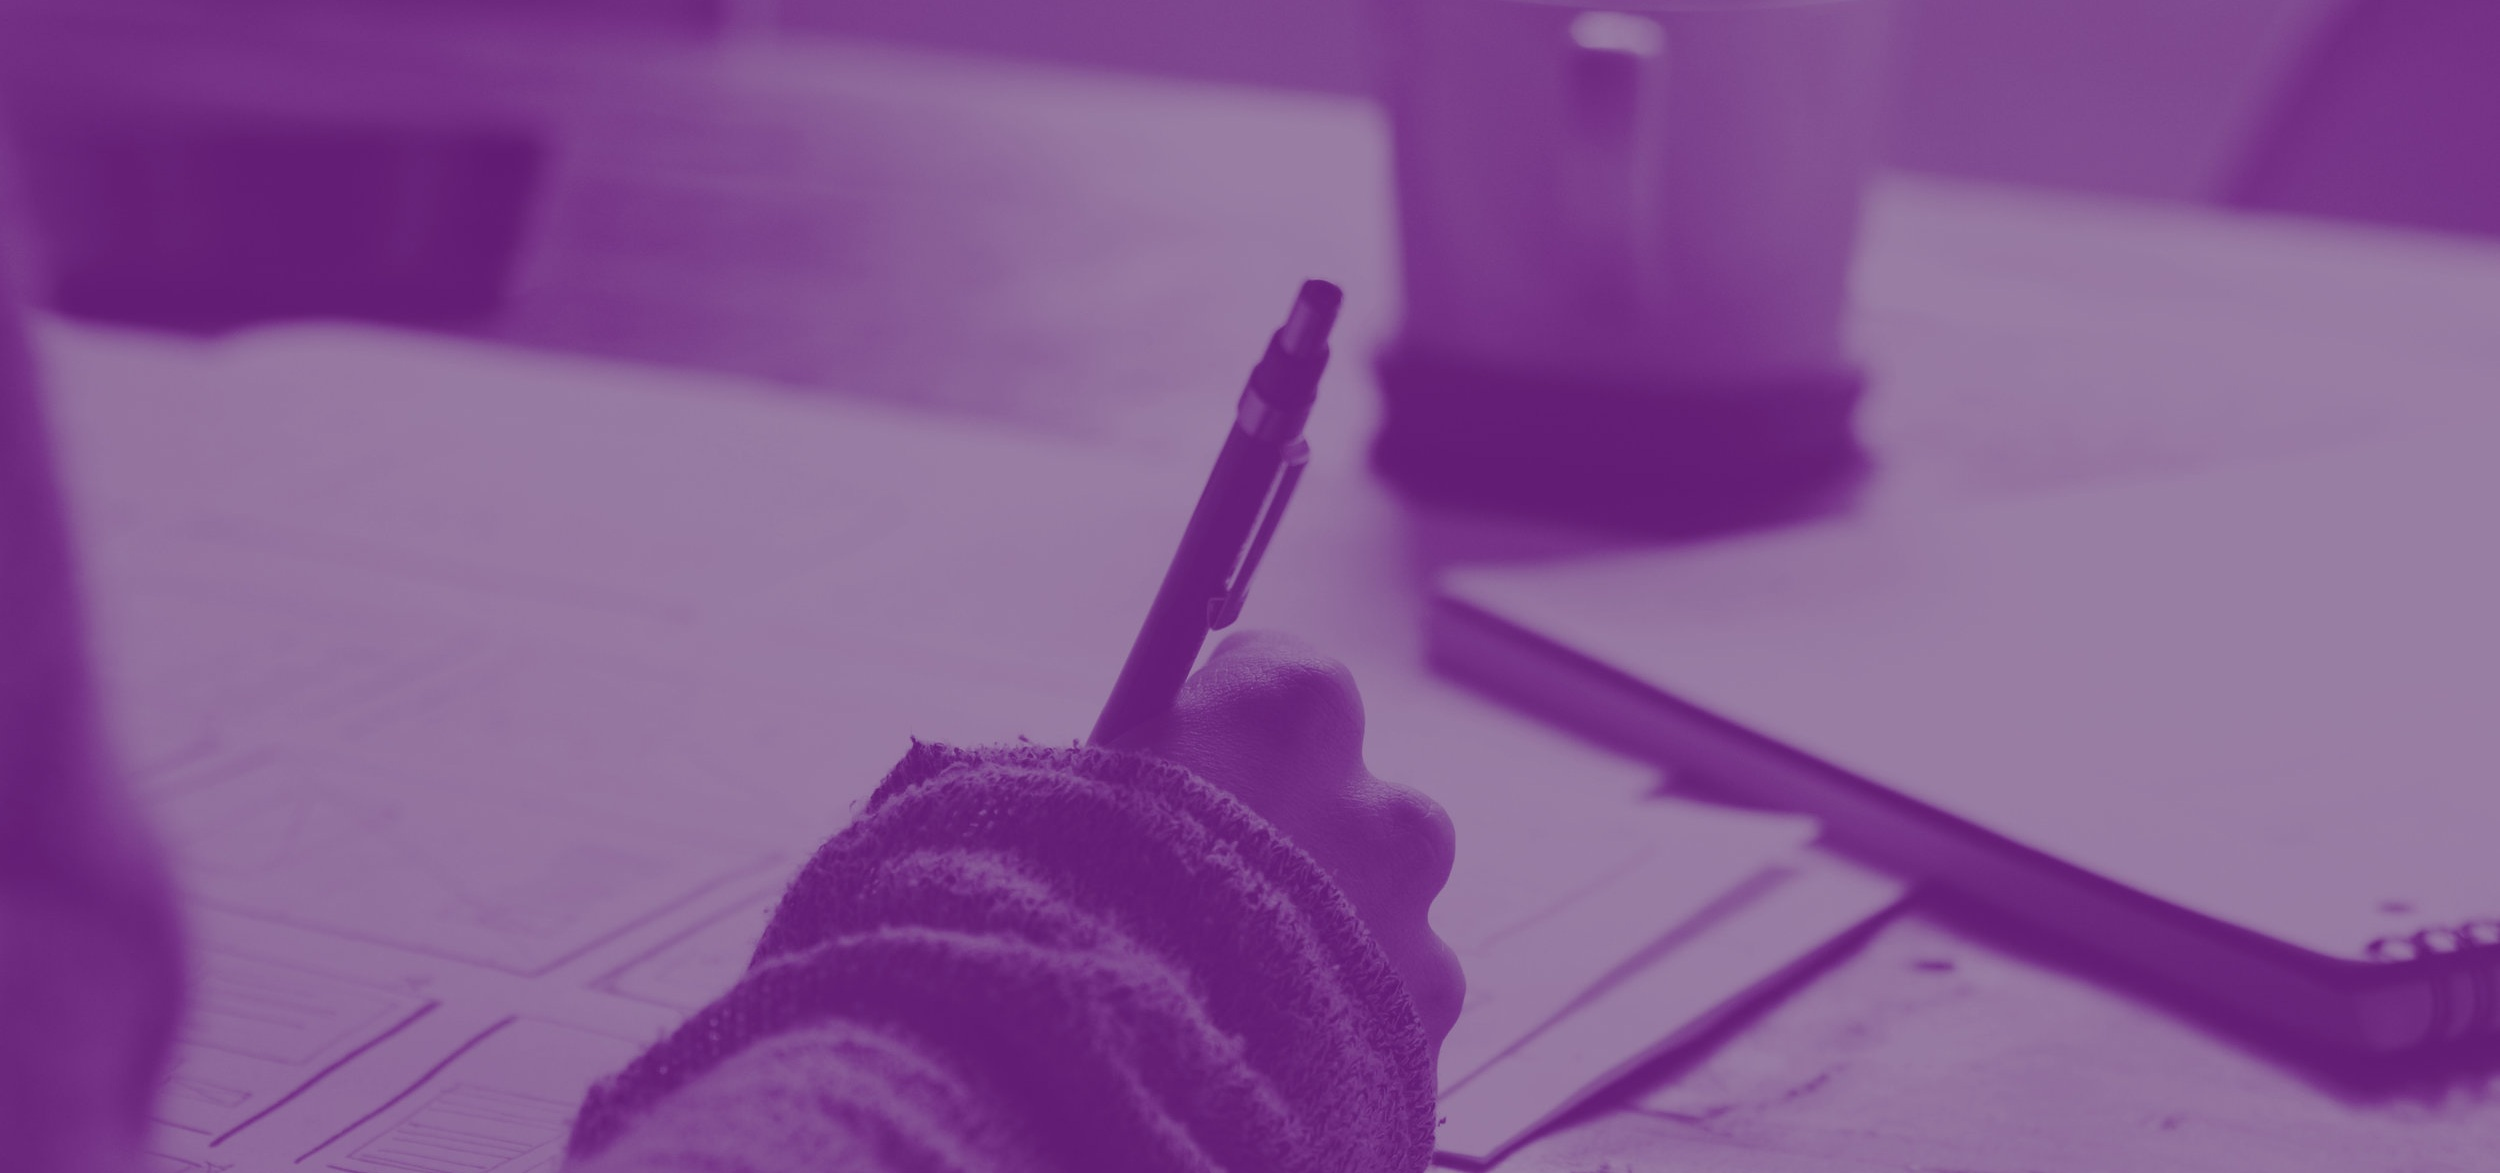 Writing+Photo+in+Monotone.jpg